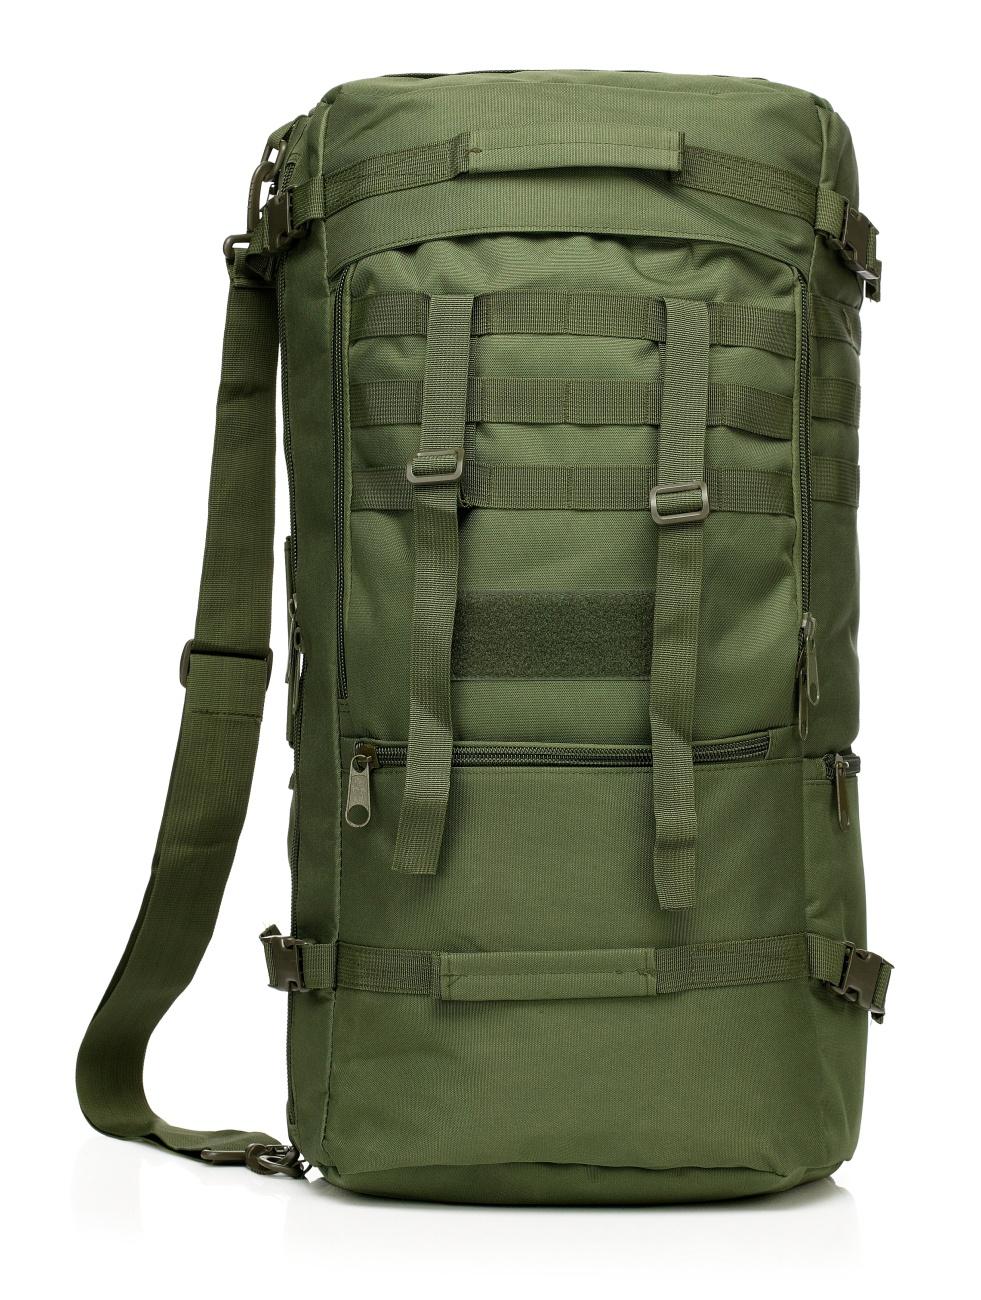 Большой однолямочный рюкзак - тактика MOLLE для альпинистов по низкой цене